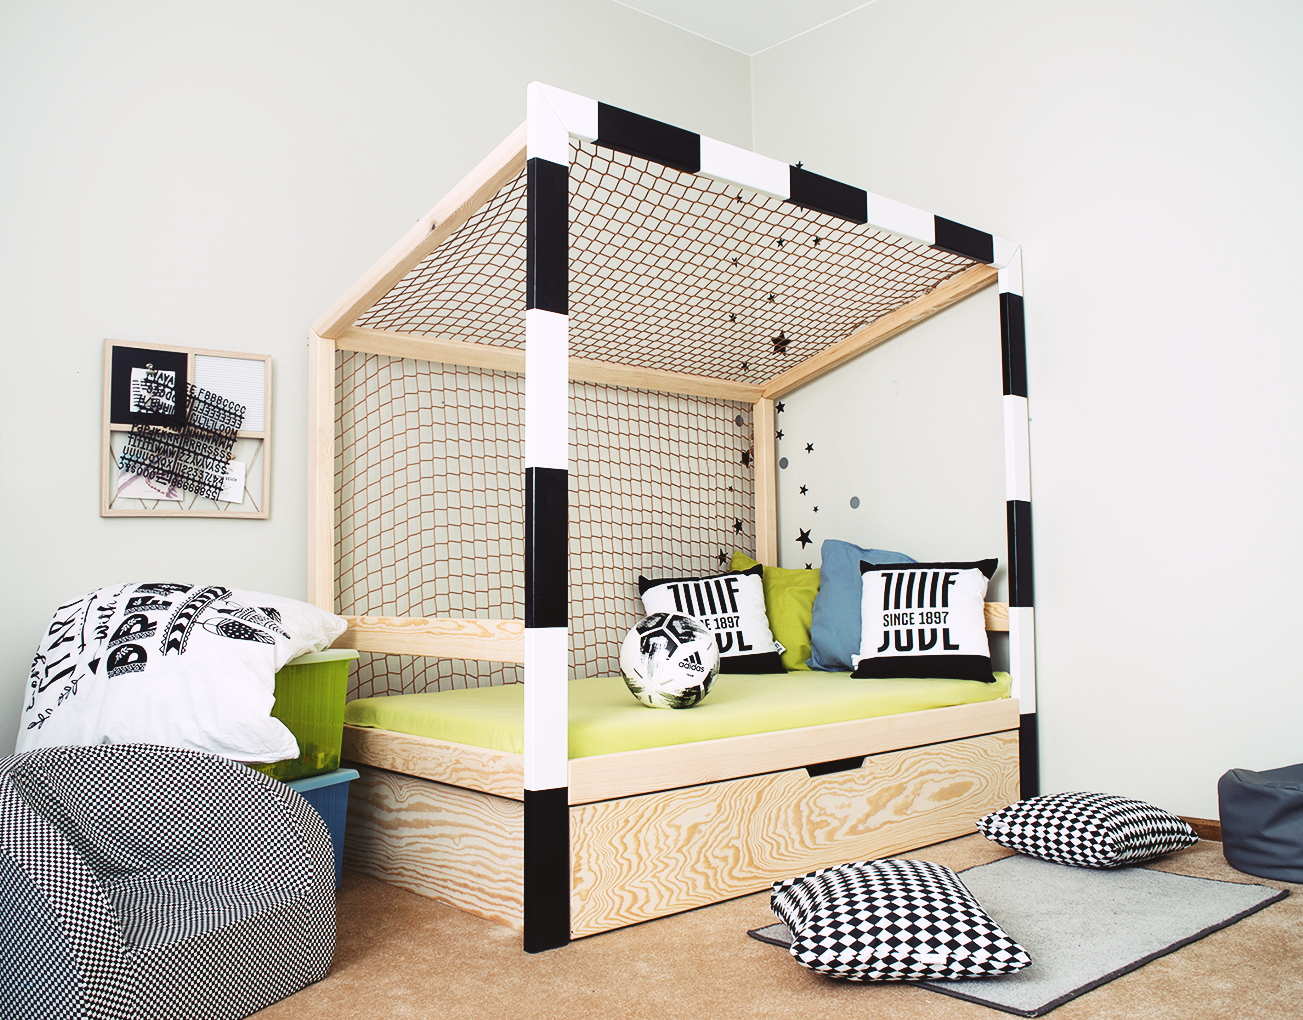 Full Size of Ausgefallene Betten Fuball Bett Kinderbett 1594 Minimidi Design 200x220 Günstige 180x200 Amazon Günstig Kaufen Rauch Ruf Preise Gebrauchte Xxl Bonprix Bett Ausgefallene Betten